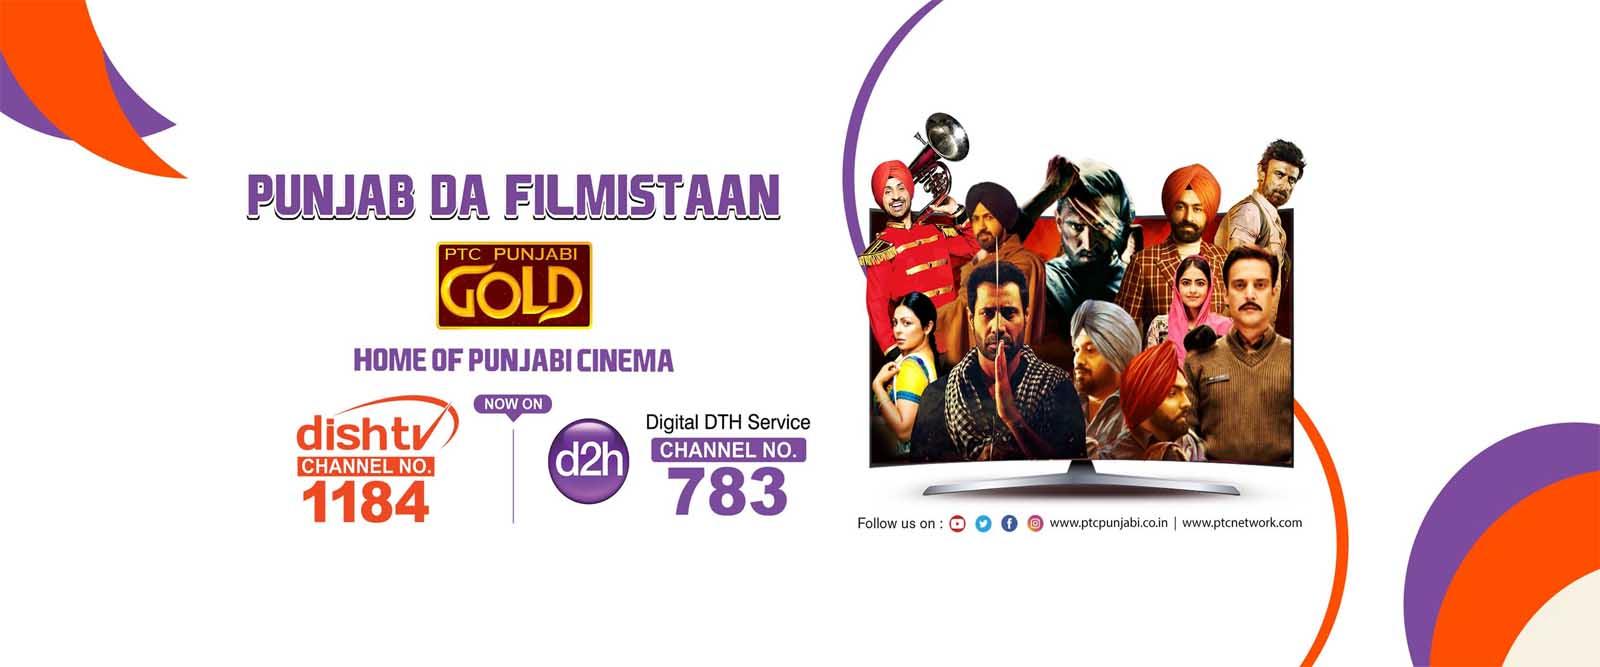 PTC Punjabi Gold Dish TV D2H